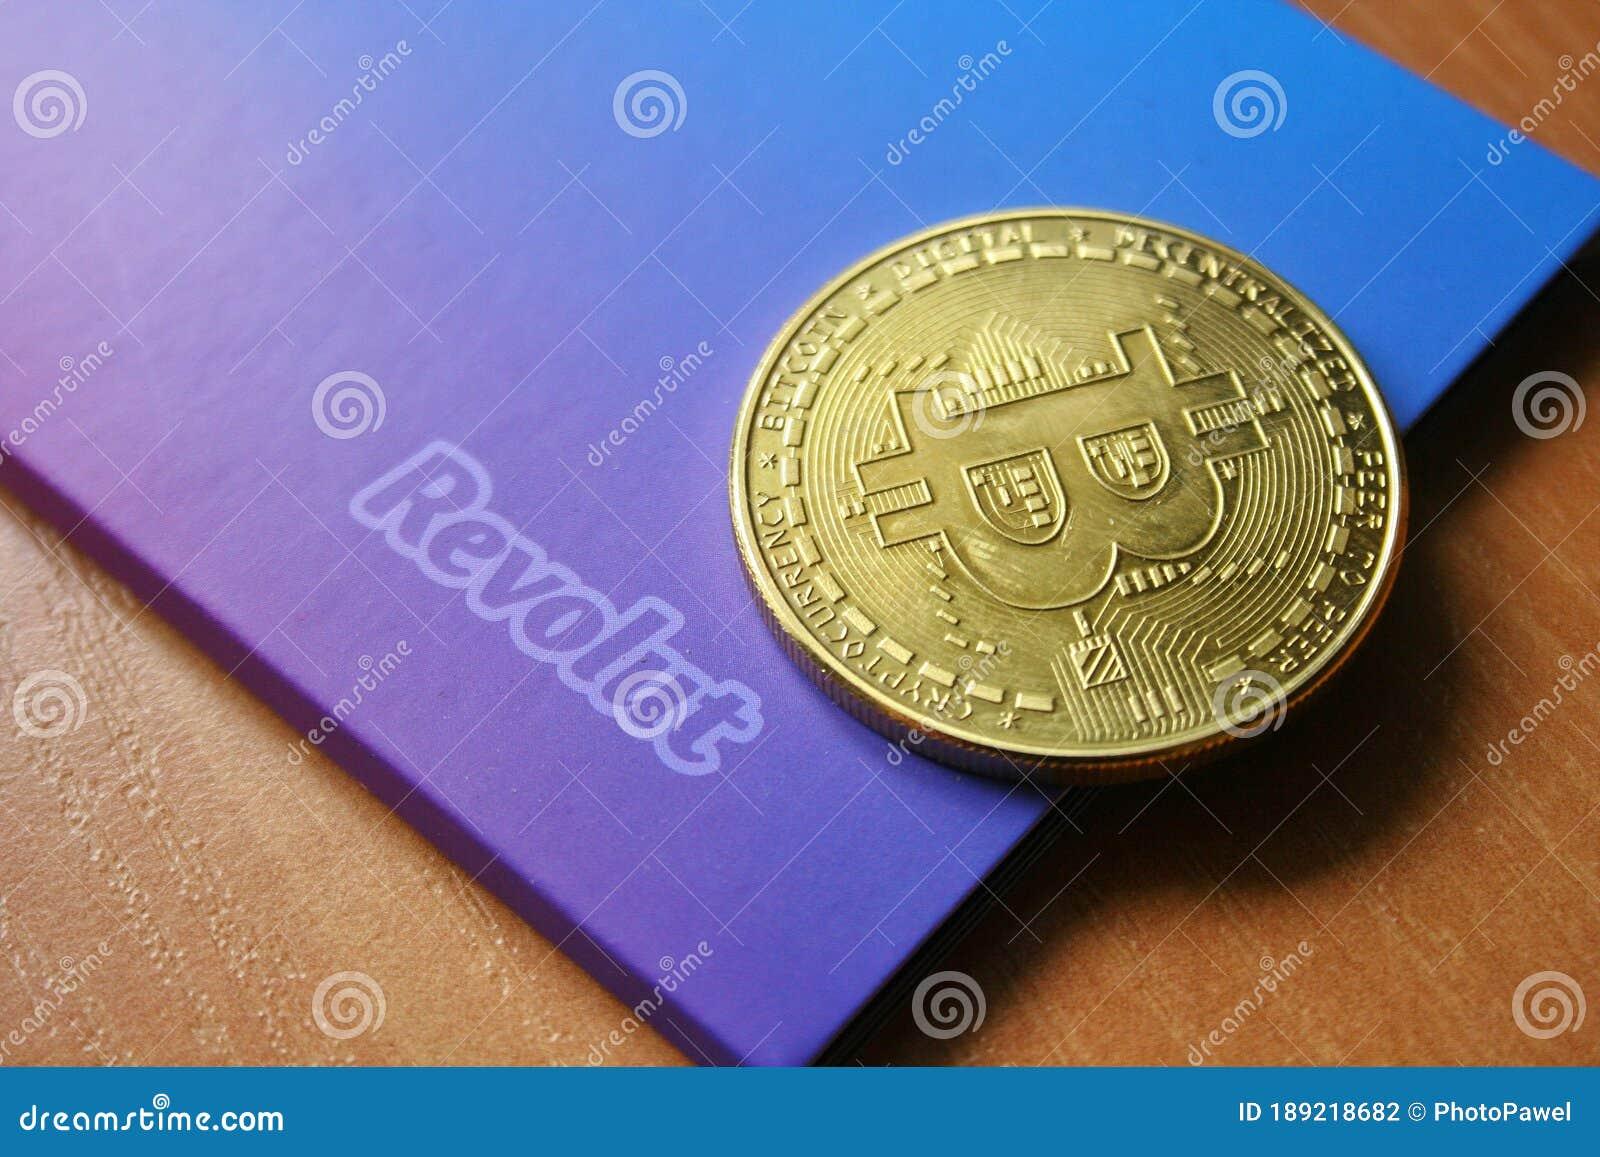 bitcoin xt prezzo